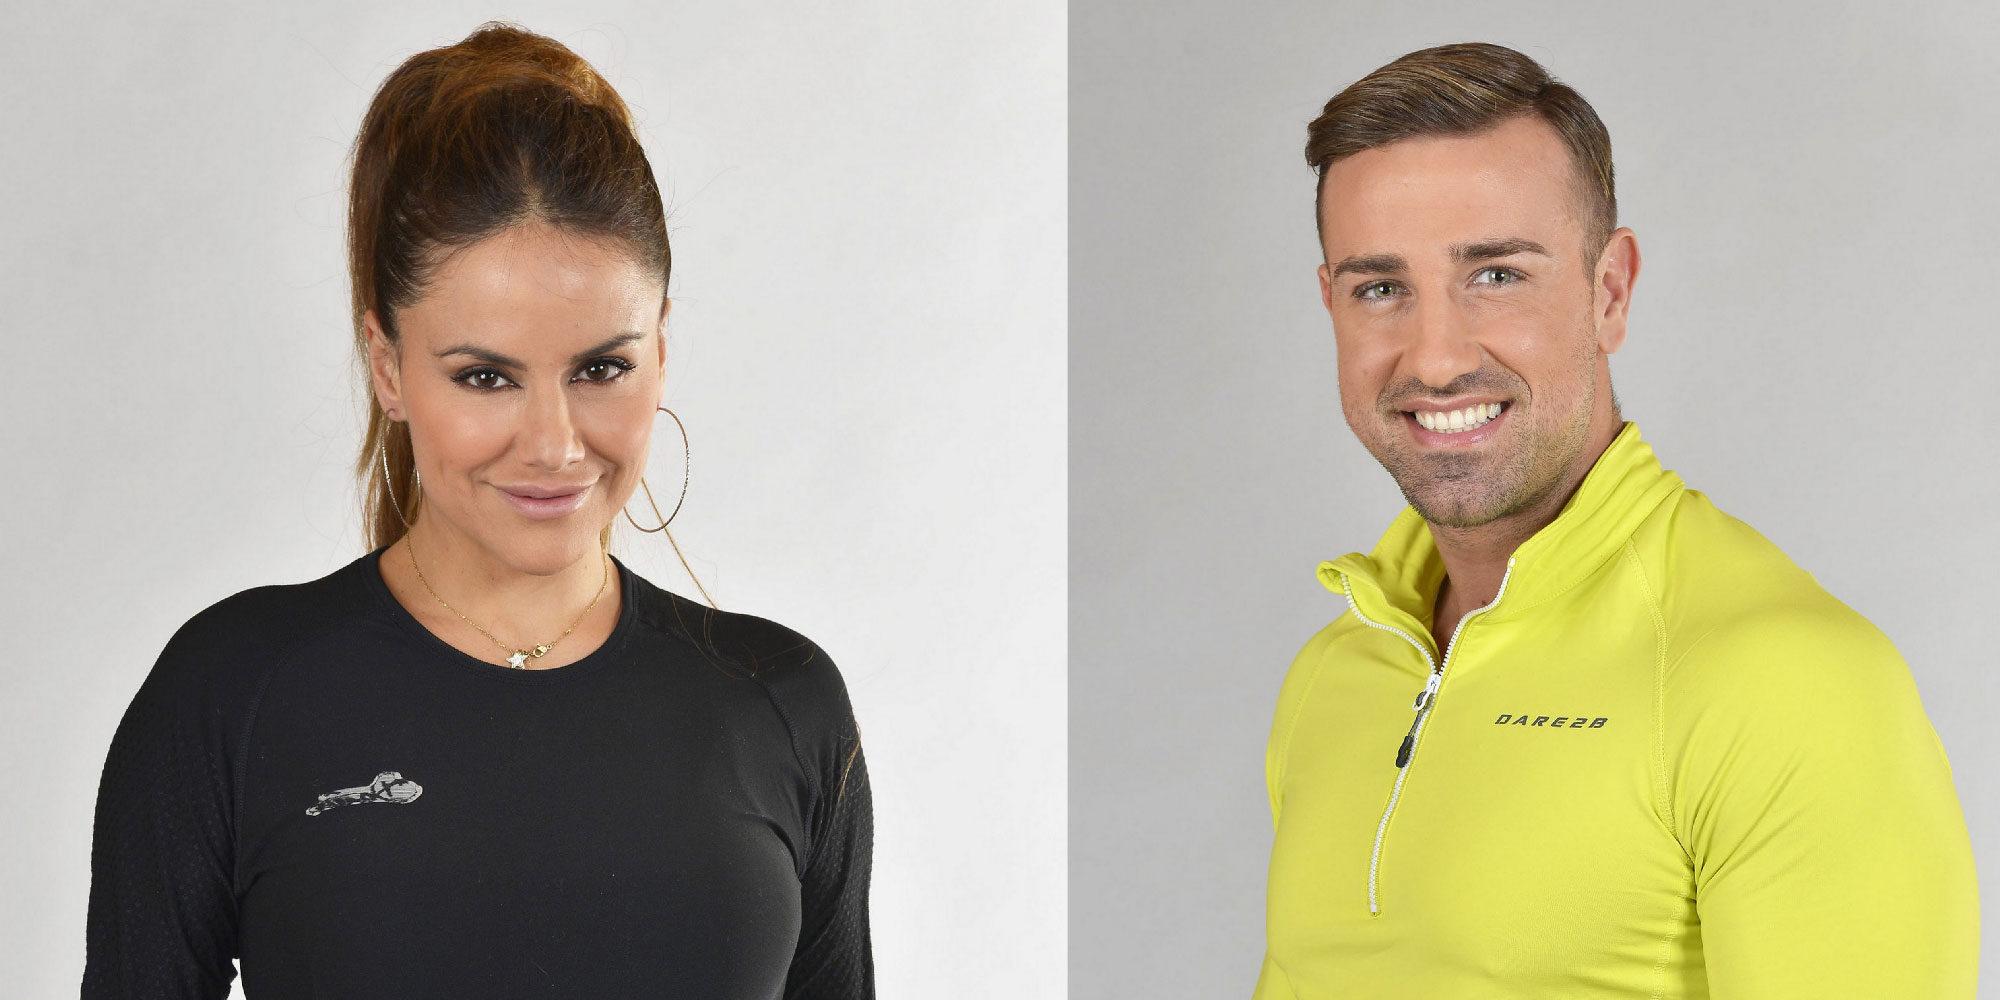 Mónica Hoyos Y Su Noche Romántica Con Rafa Mora Beso Y Desnudo